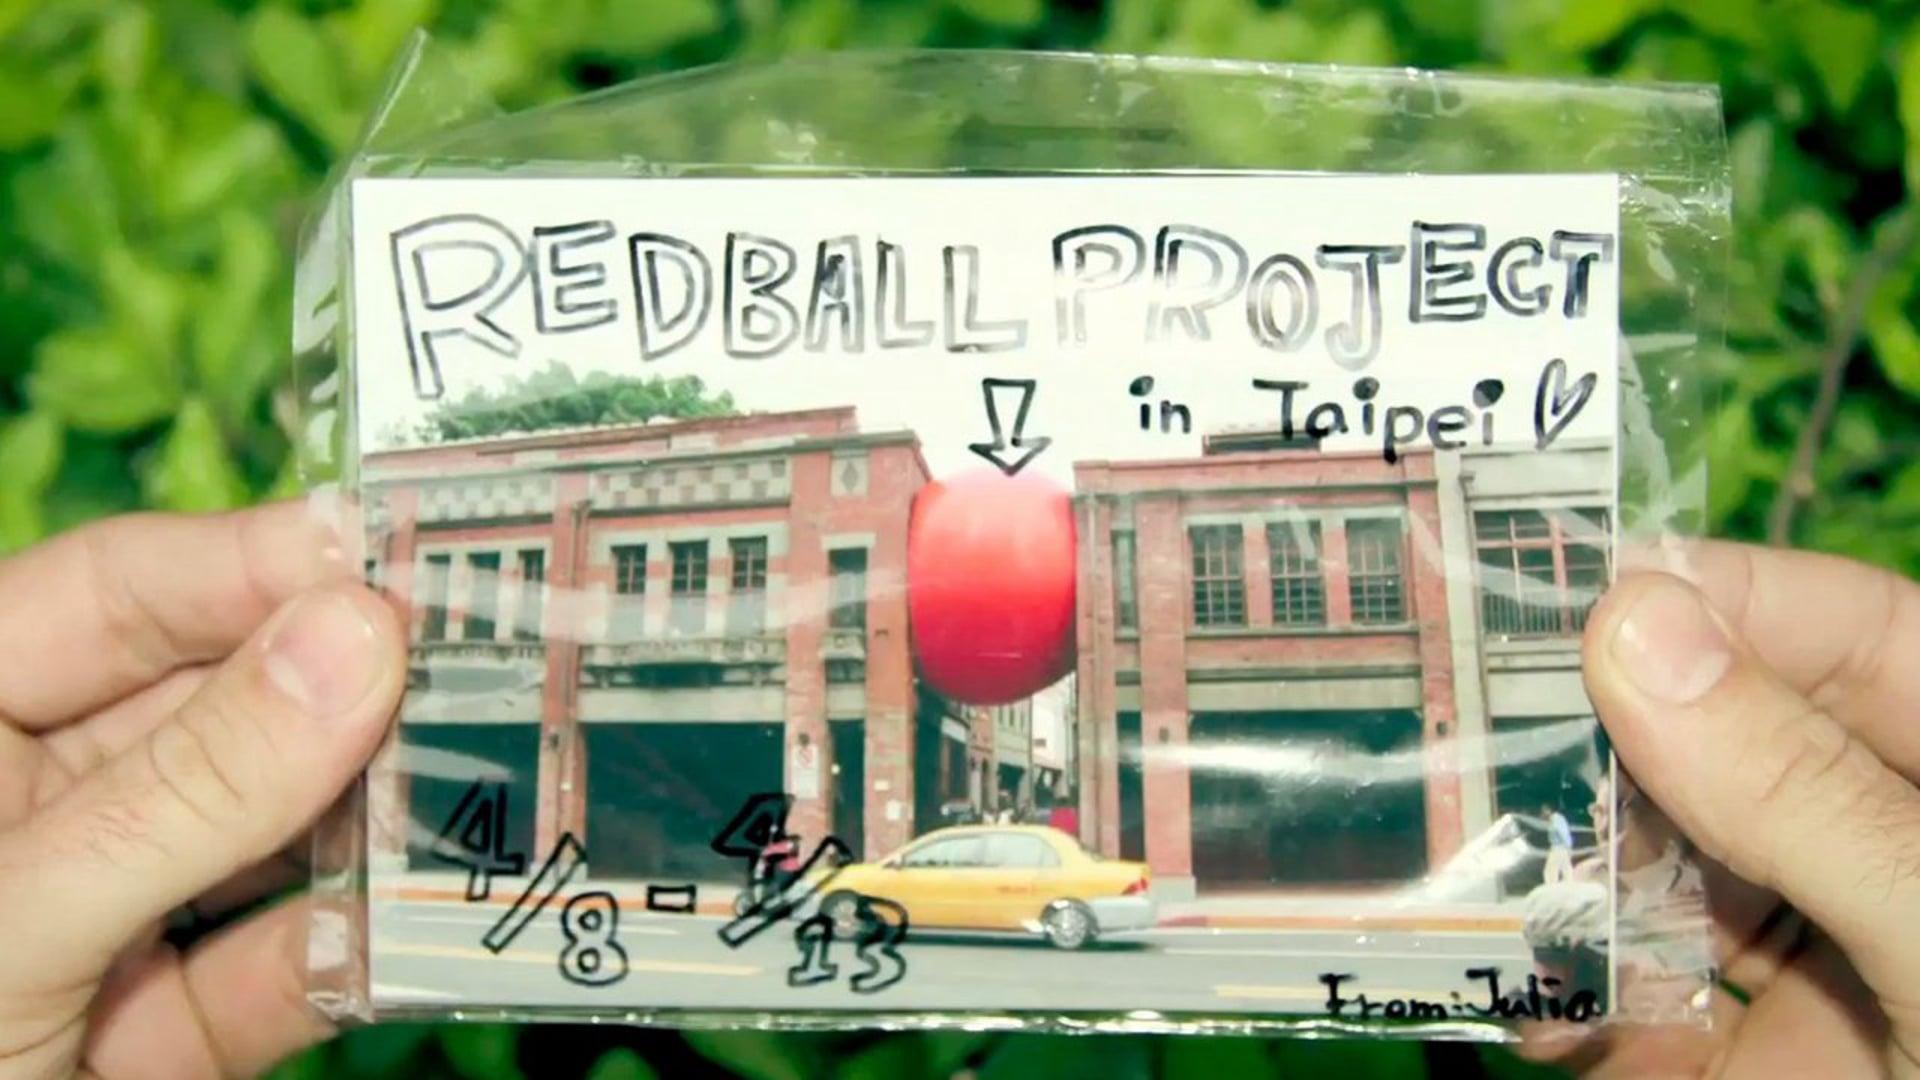 RedBall : Taipei